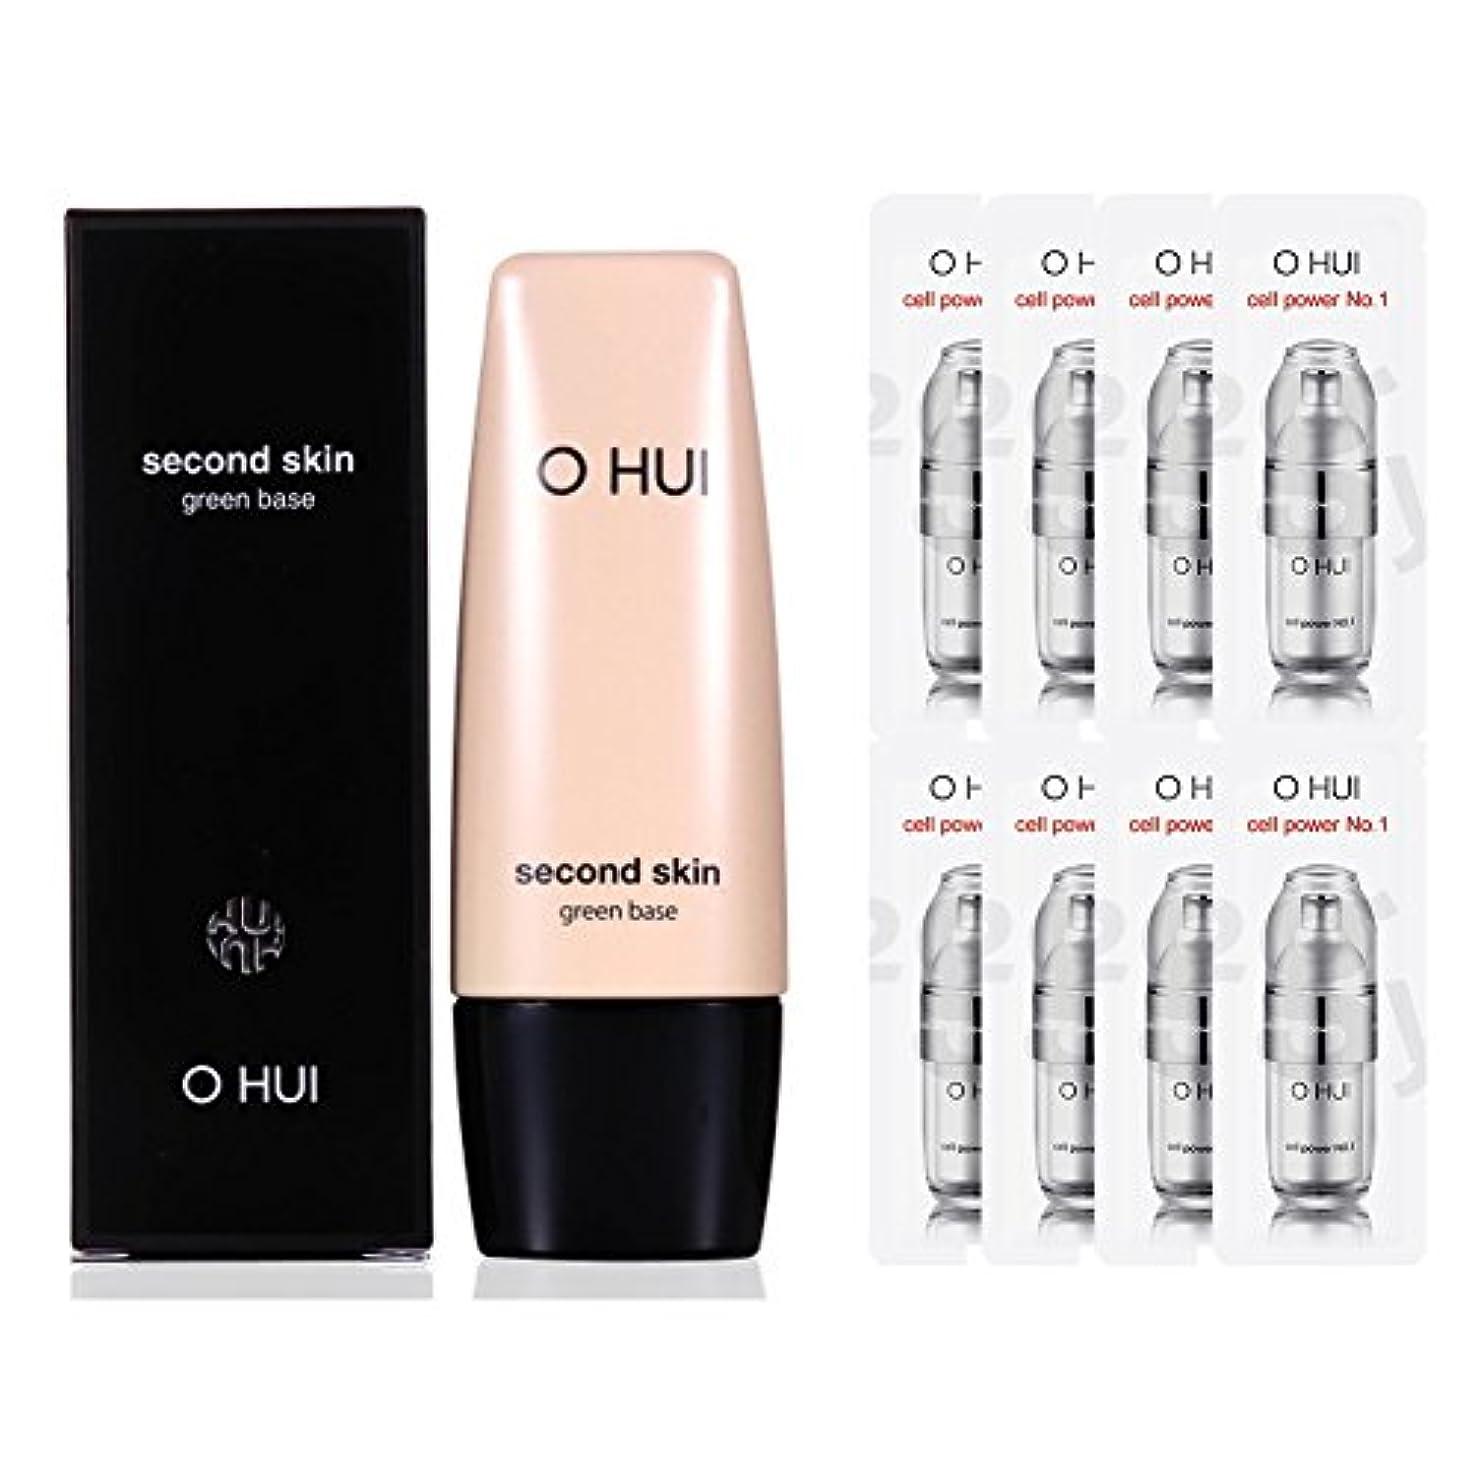 アンテナ途方もない決定するOHUI/オフィセカンドスキン グリーンベース (メイクアップベース) (OHUI SECOND SKIN GREEN BASE Makeup Base set) スポット [海外直送品]